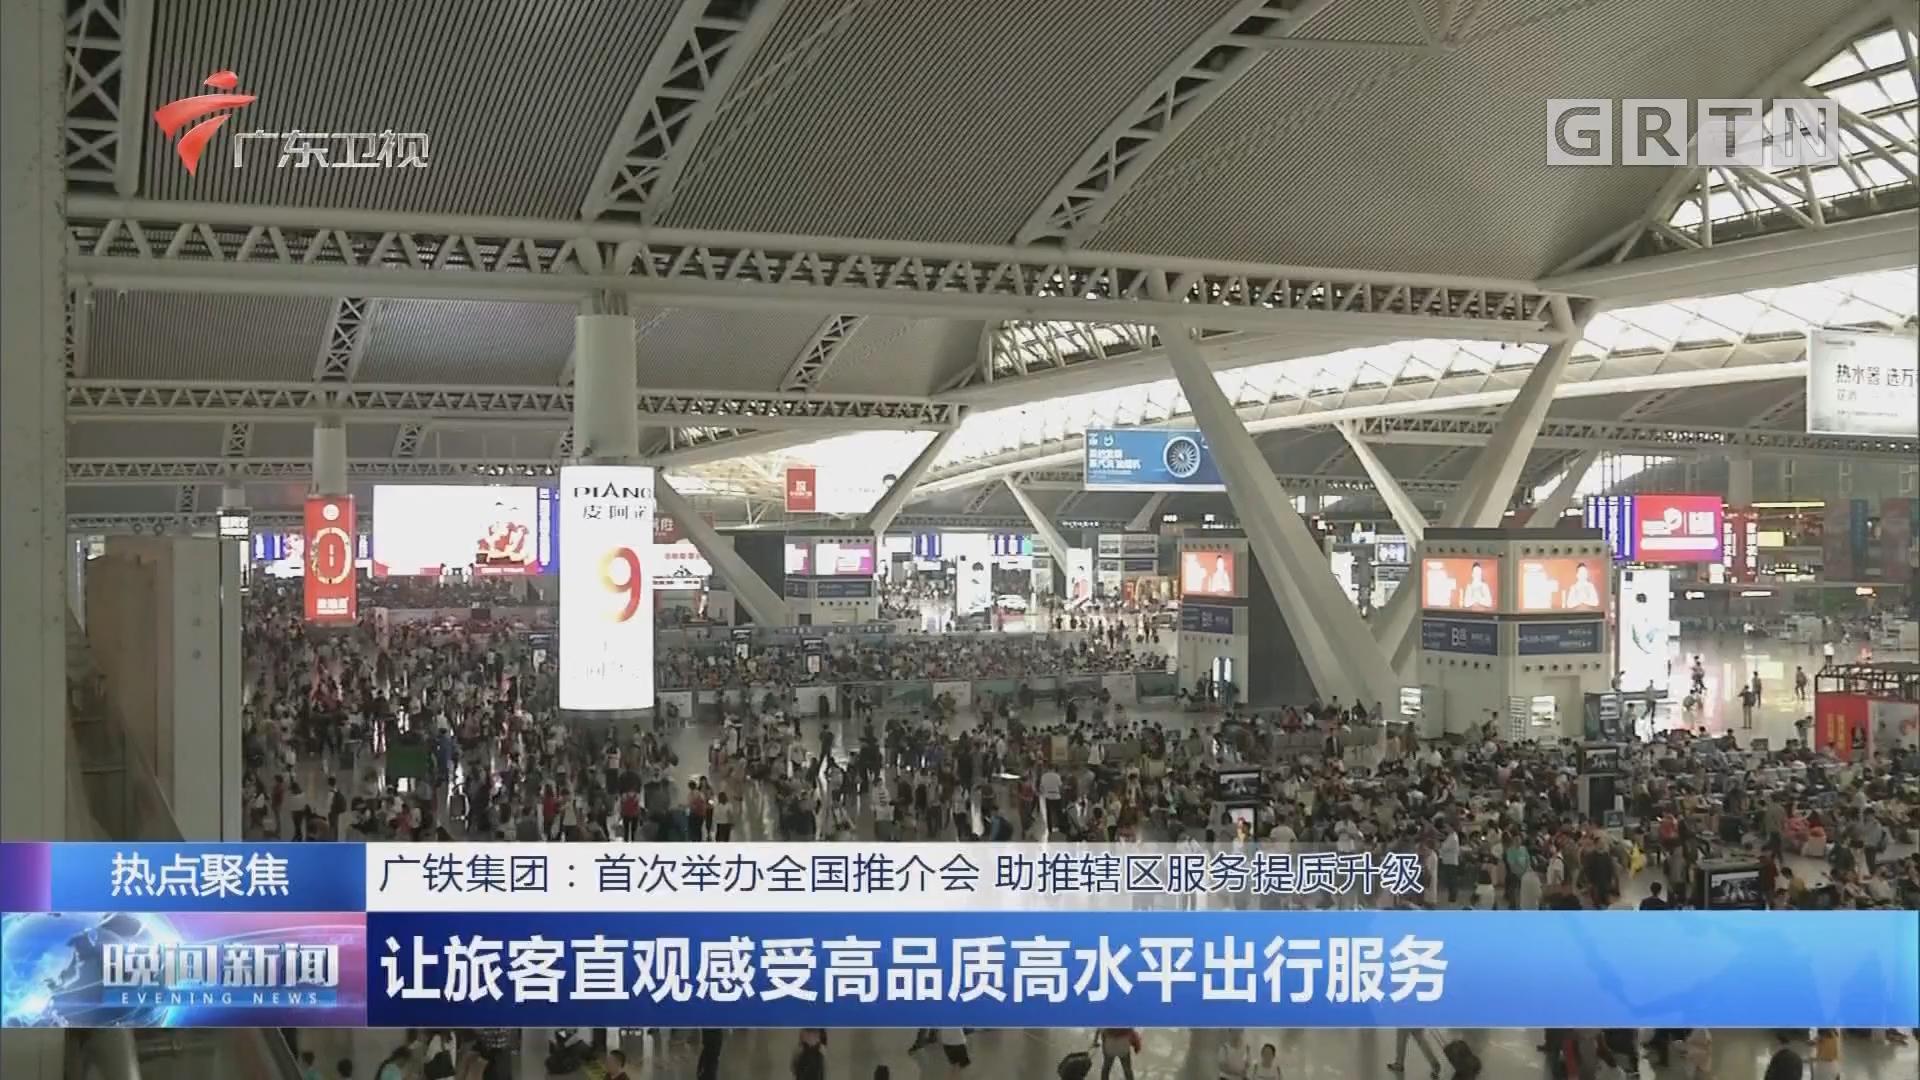 广铁集团:首次举办全国推介会 助推辖区服务提质升级 让旅客直观感受高品质高水平出行服务